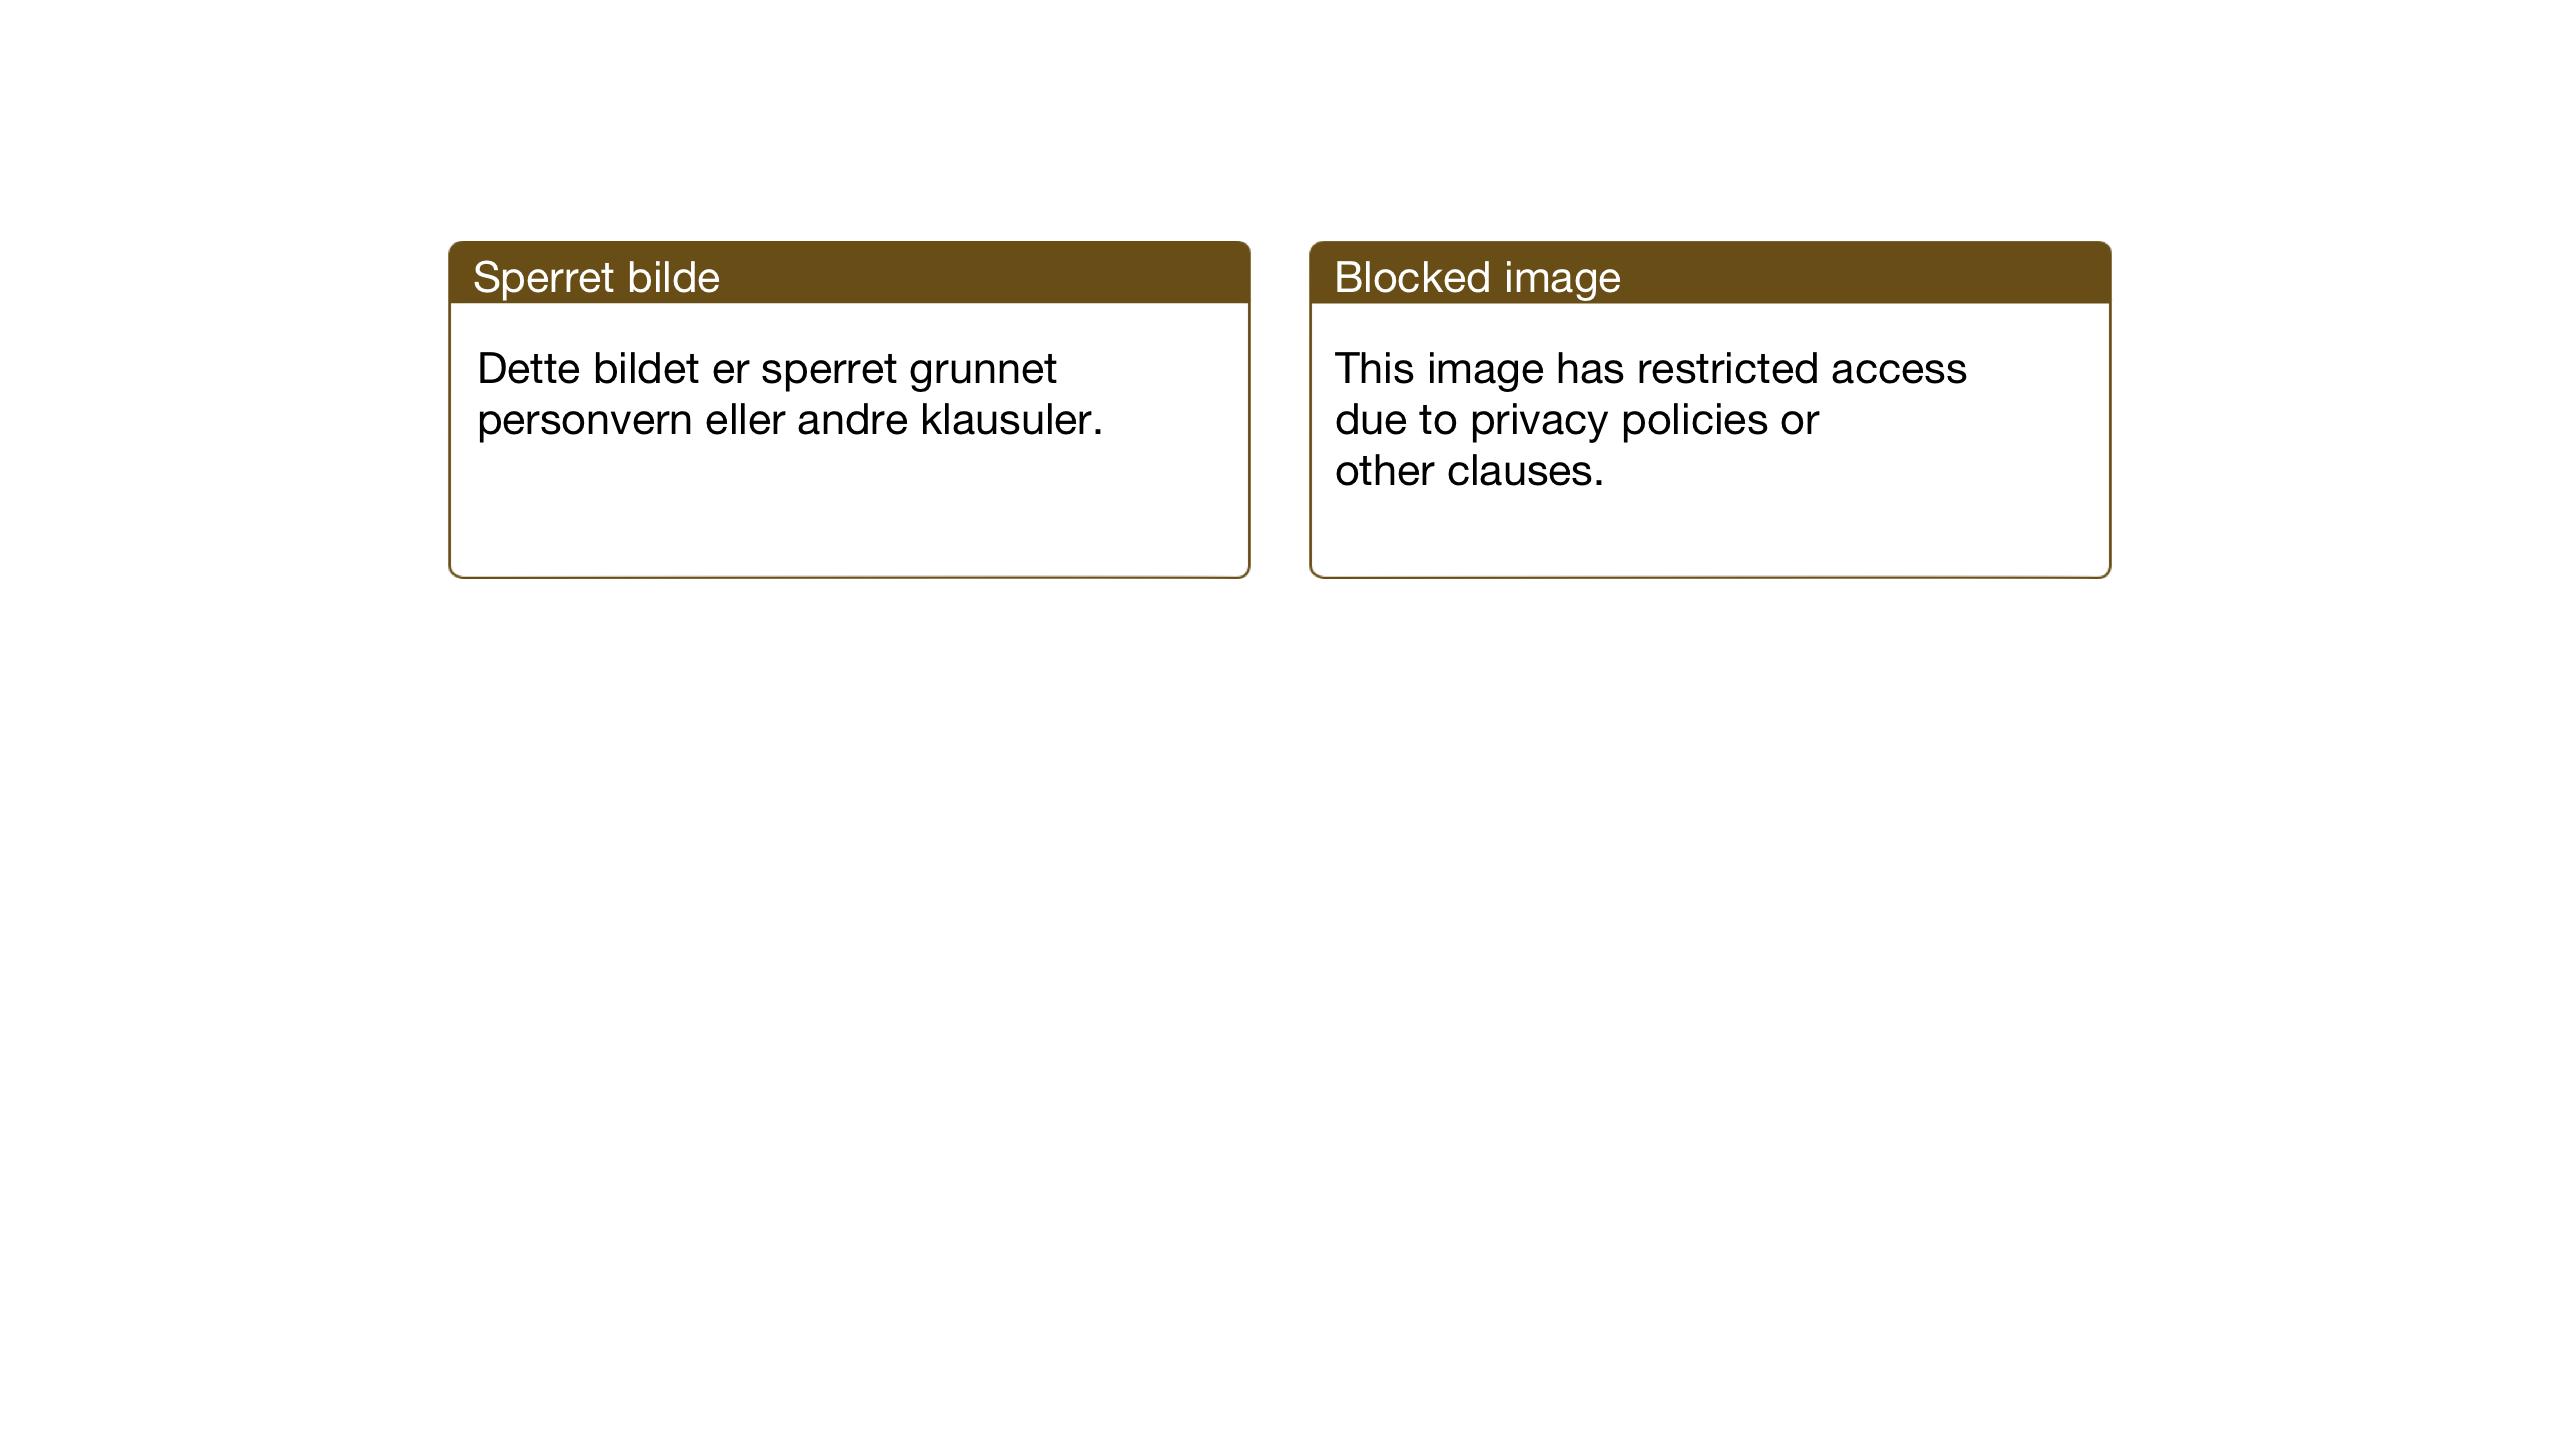 SAT, Ministerialprotokoller, klokkerbøker og fødselsregistre - Sør-Trøndelag, 669/L0833: Klokkerbok nr. 669C03, 1945-1950, s. 96